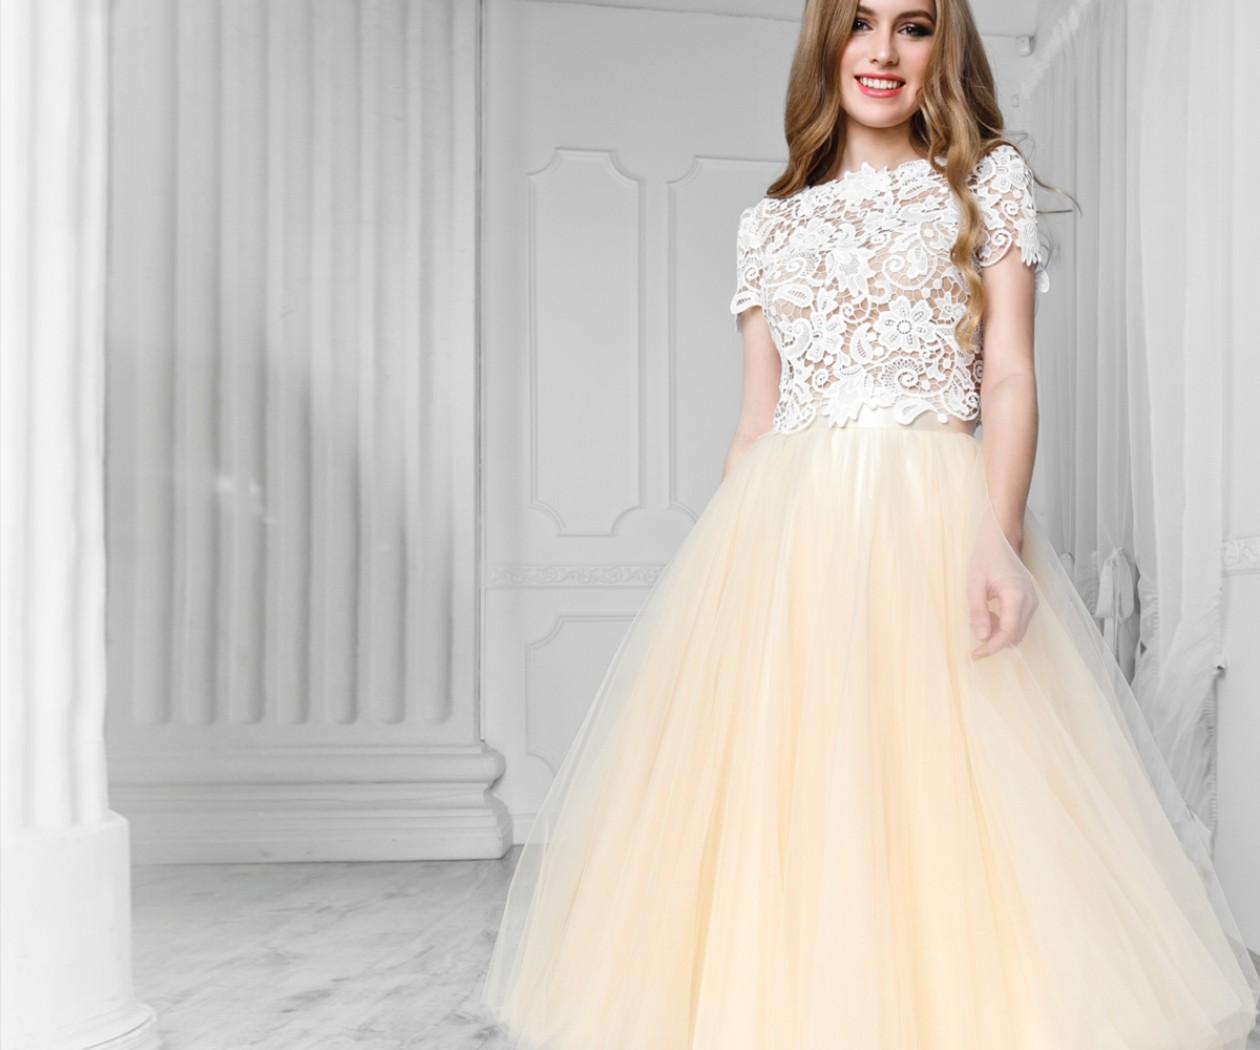 Платье на выпускной с кружевным топом и пышной юбкой длины миди АУРА Макраме / ЛИЛИ